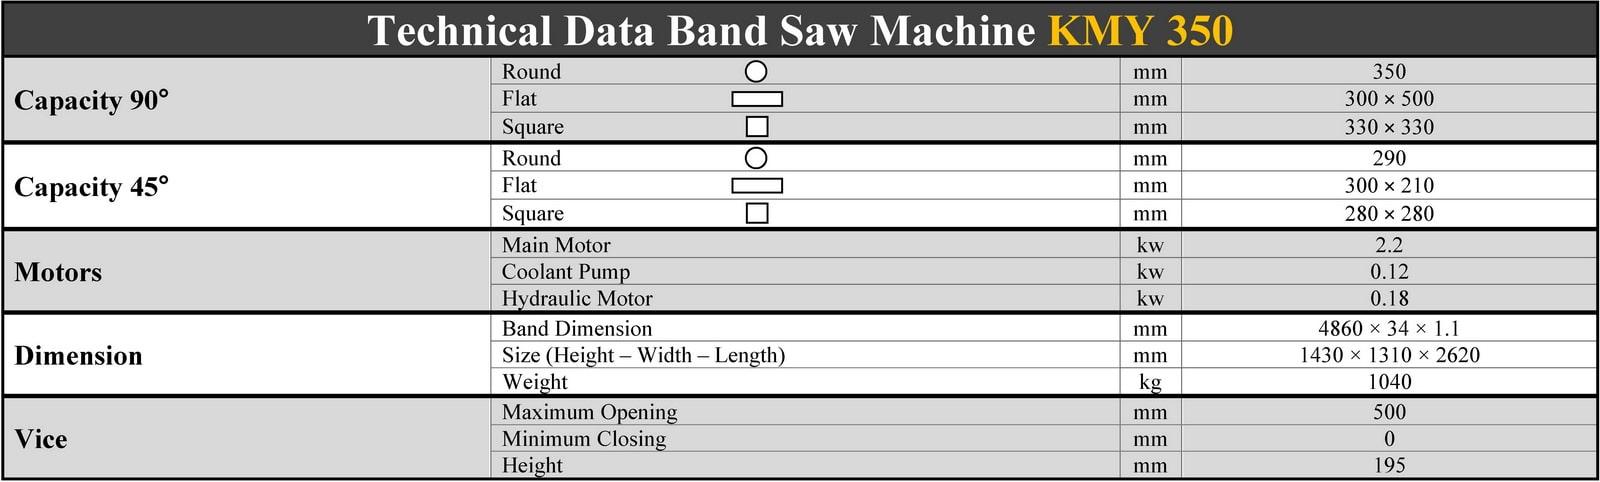 مشخصات فنی دستگاه اره نواری بازویی نیمه اتوماتیک کسمک - KMY 350